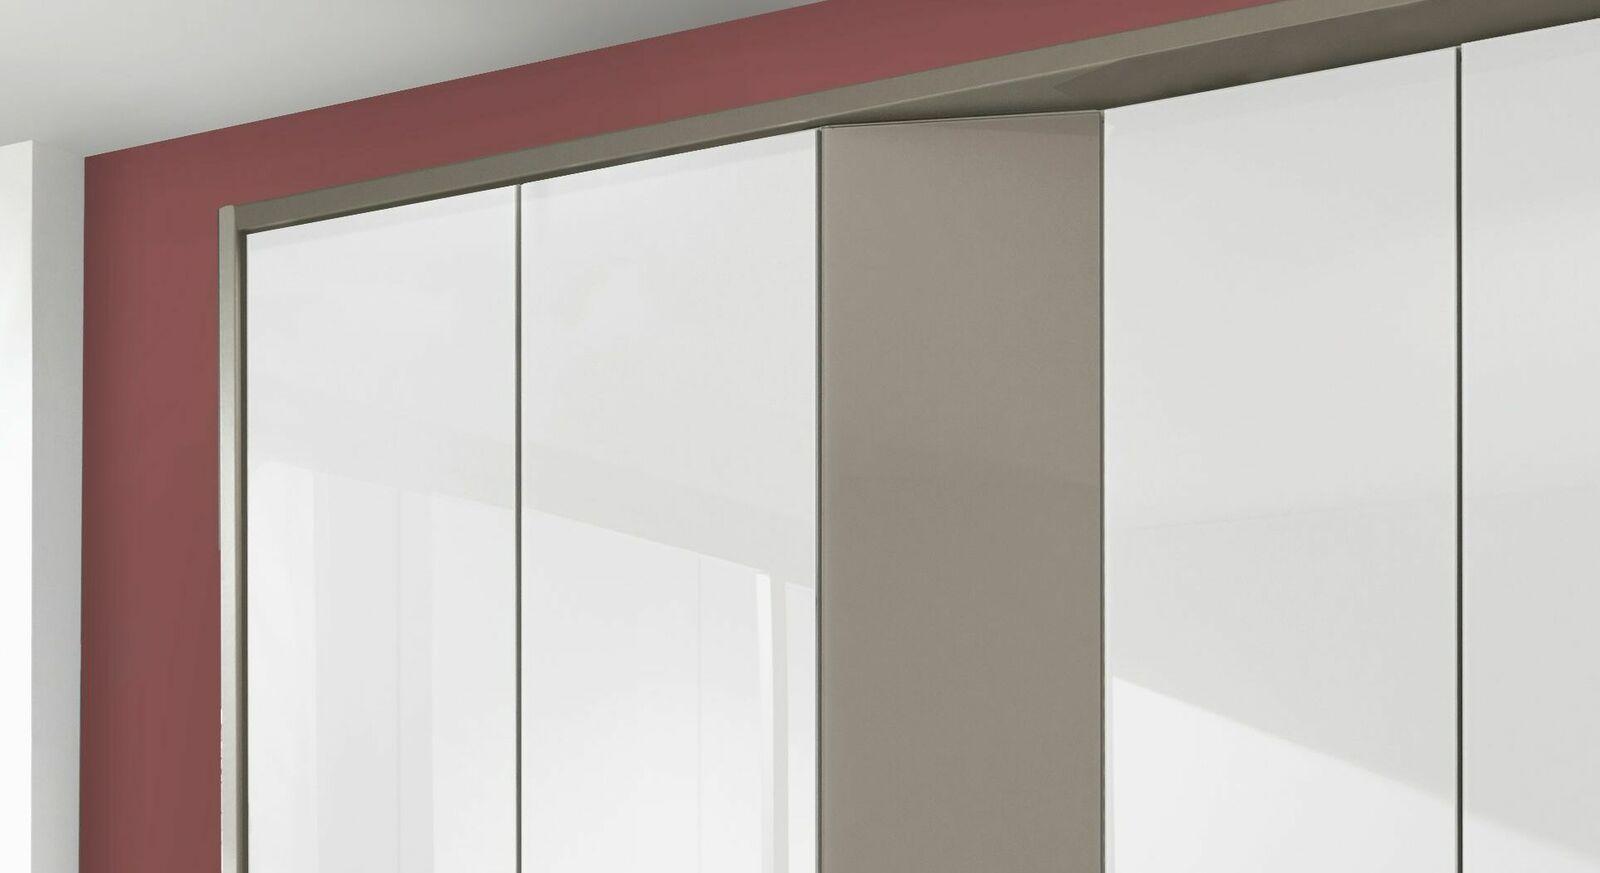 Trendiger Funktions-Kleiderschrank Evansville mit Supertiefe